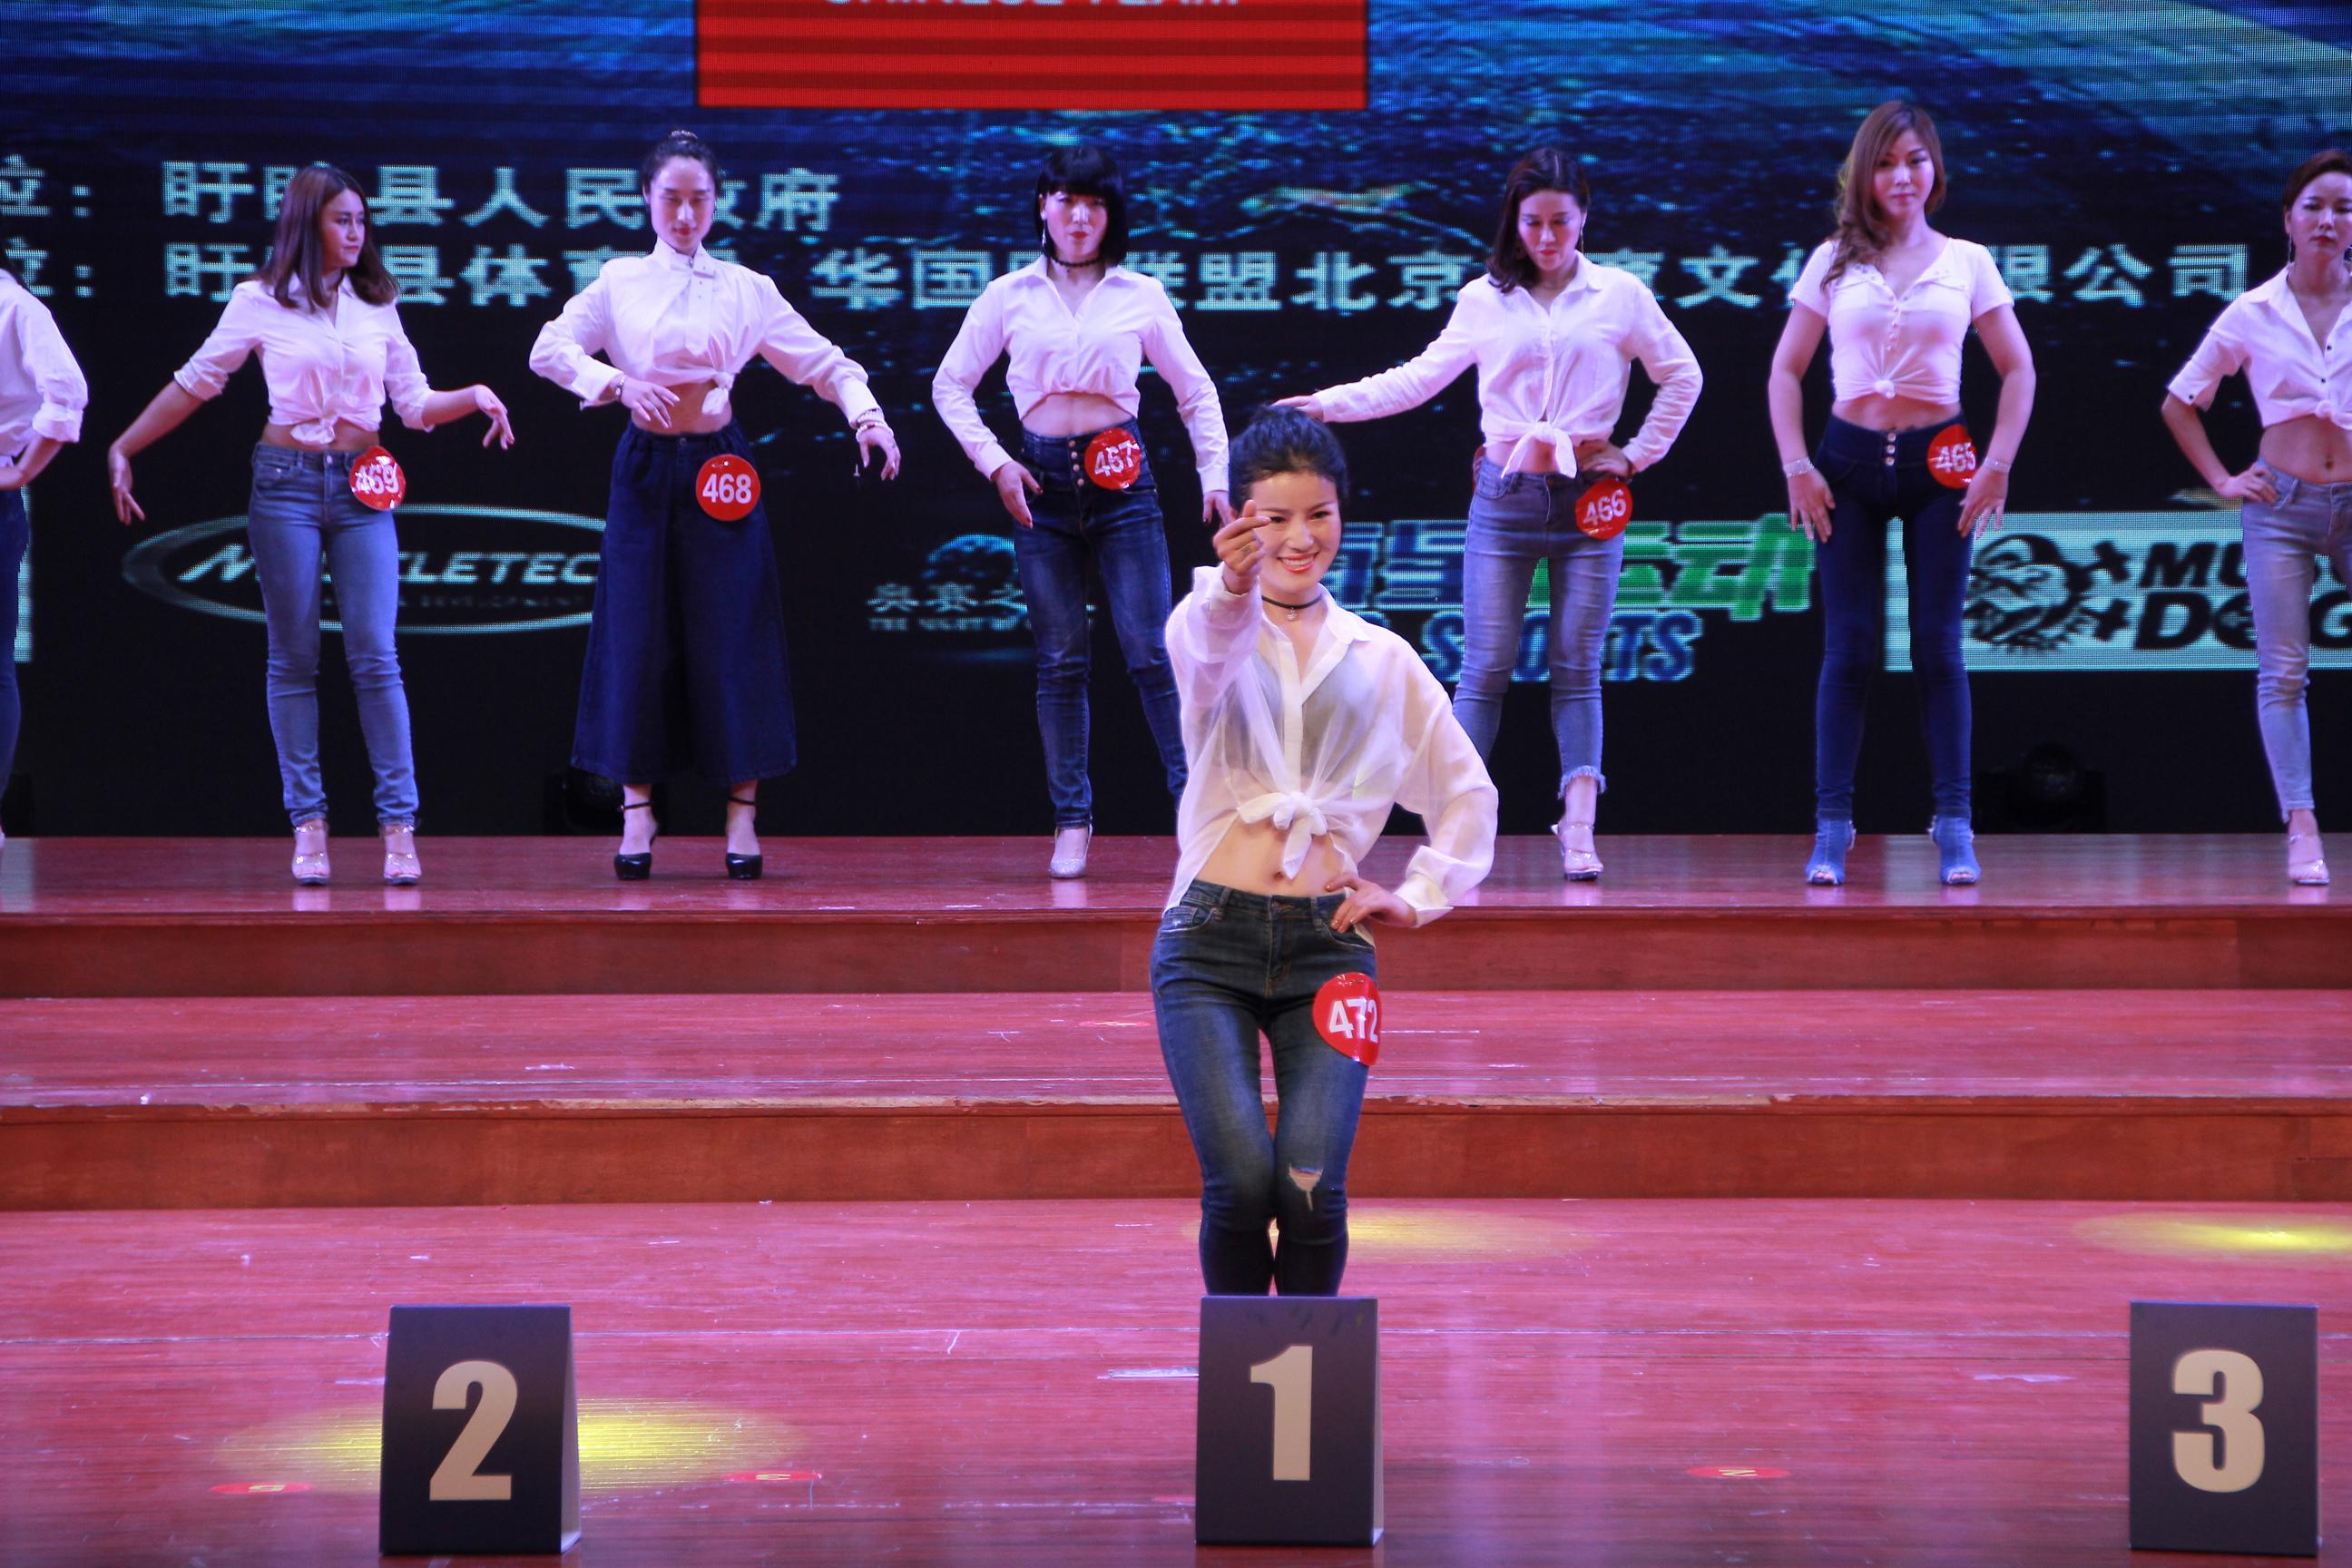 世界奥赛之夜(中国区)新增选美型项目